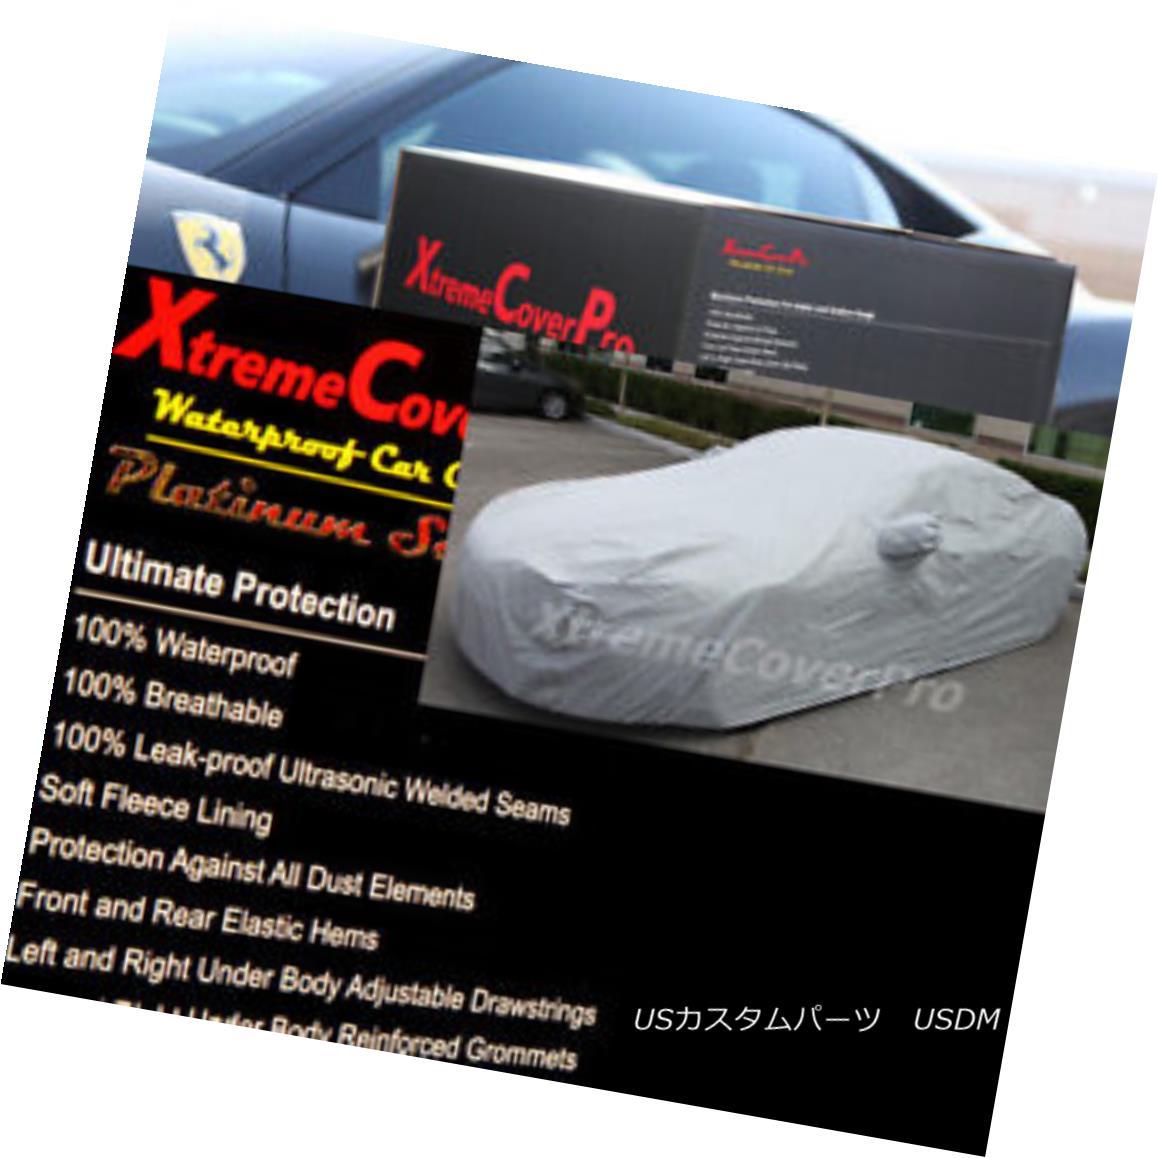 カーカバー 1988 1989 1990 1991 1992 Chevy Camaro Waterproof Car Cover w/MirrorPocket 1988年1989年1990年1991年1992年シボレーカマロ防水カーカバー付き(MirrorPocket)